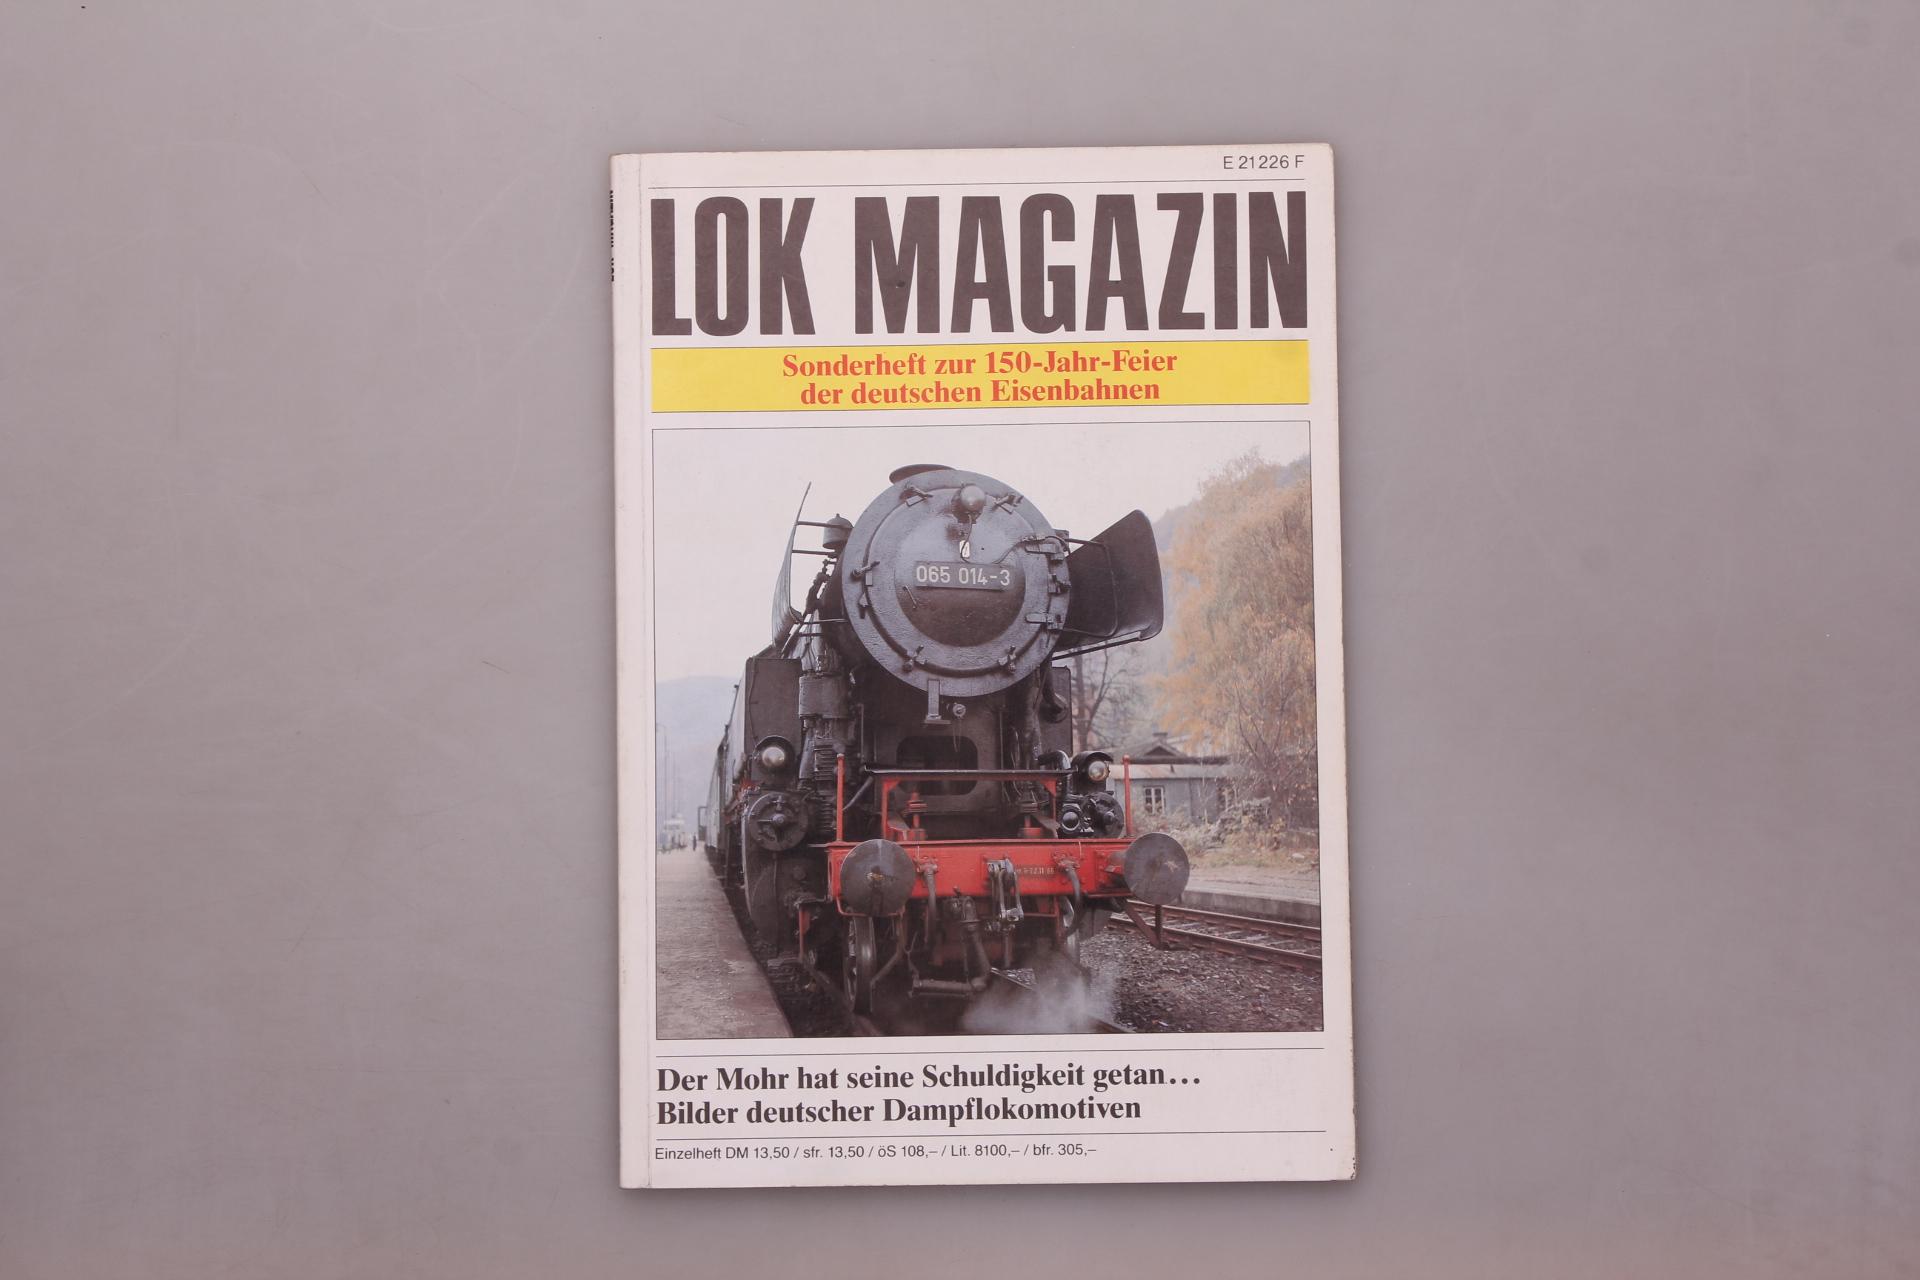 LOK-MAGAZIN. Sonderheft zur 150-Jahr-Feier der deutschen Eisenbahnen: Hrsg.]: Obermayer, Horst